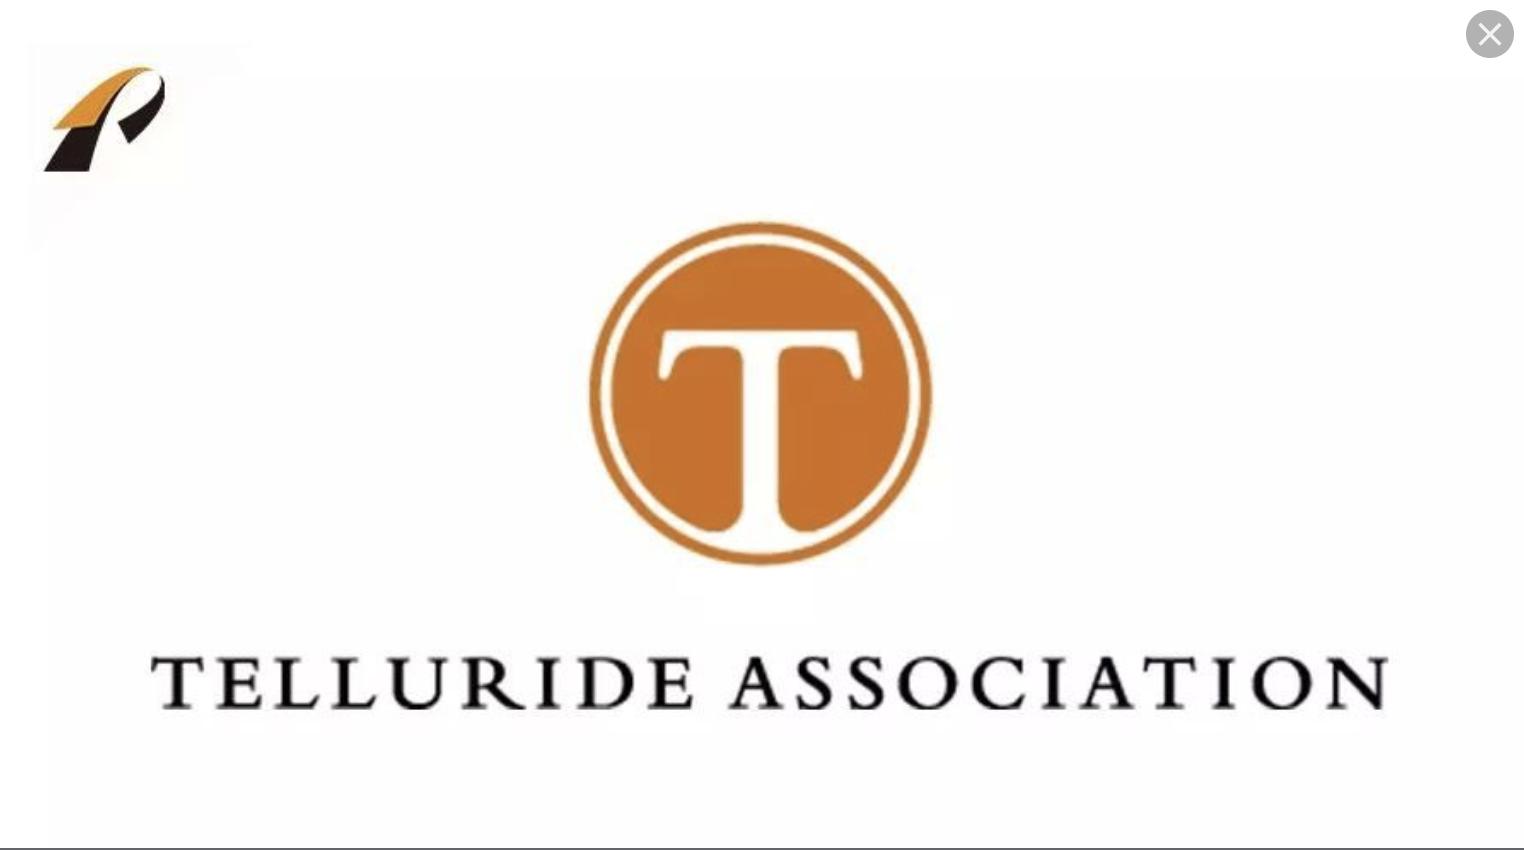 2020年全美最好的文科夏校之一:Telluride Association Summer Program (TASP)